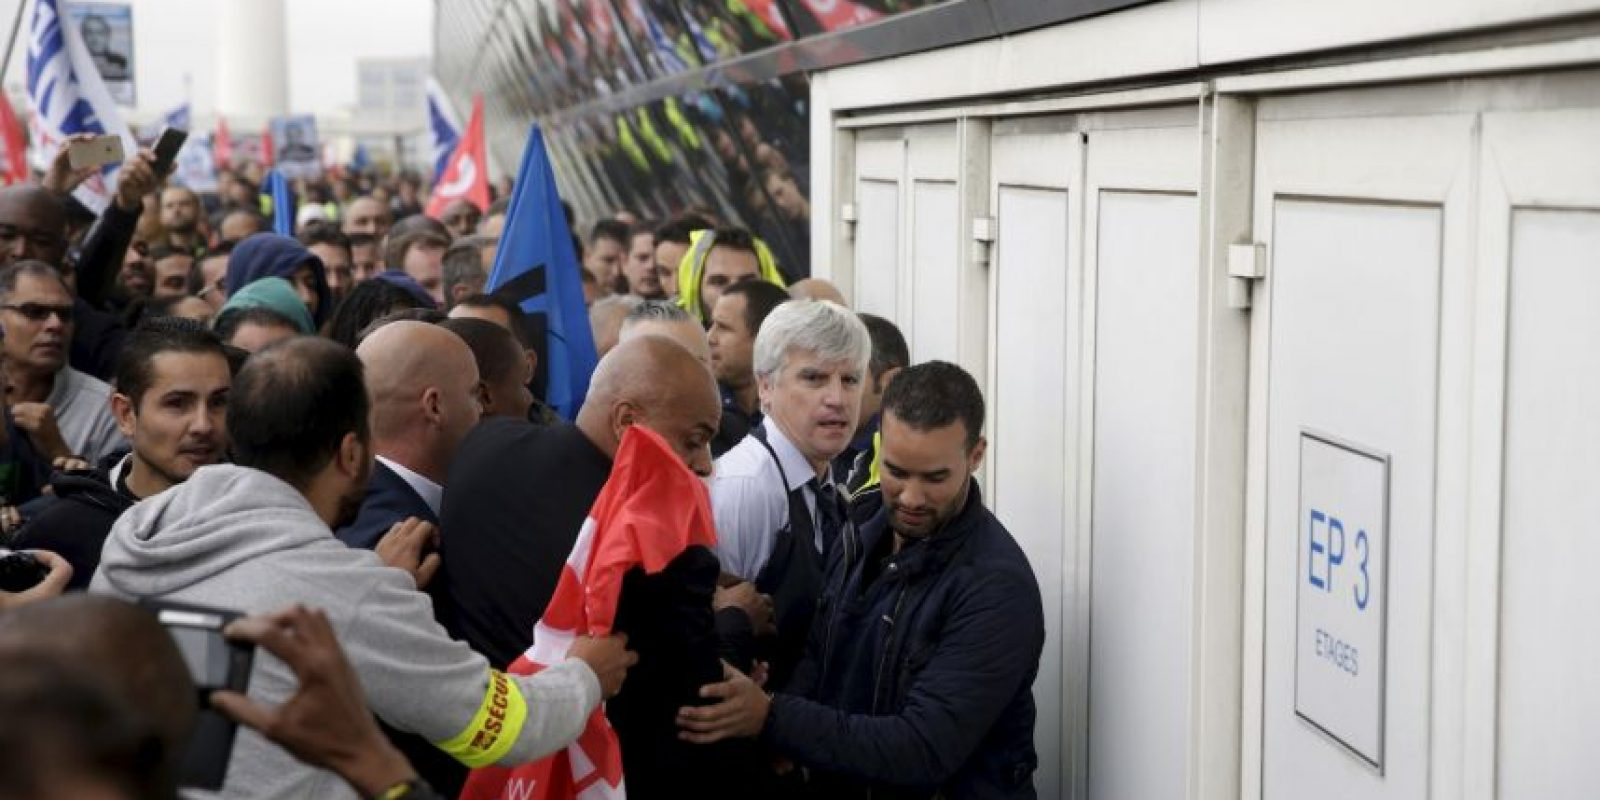 El director de Air France, Orly Pierre, fue casi despojado de su ropa luego que anunciuara los despidos de la empresa. Foto:AFP